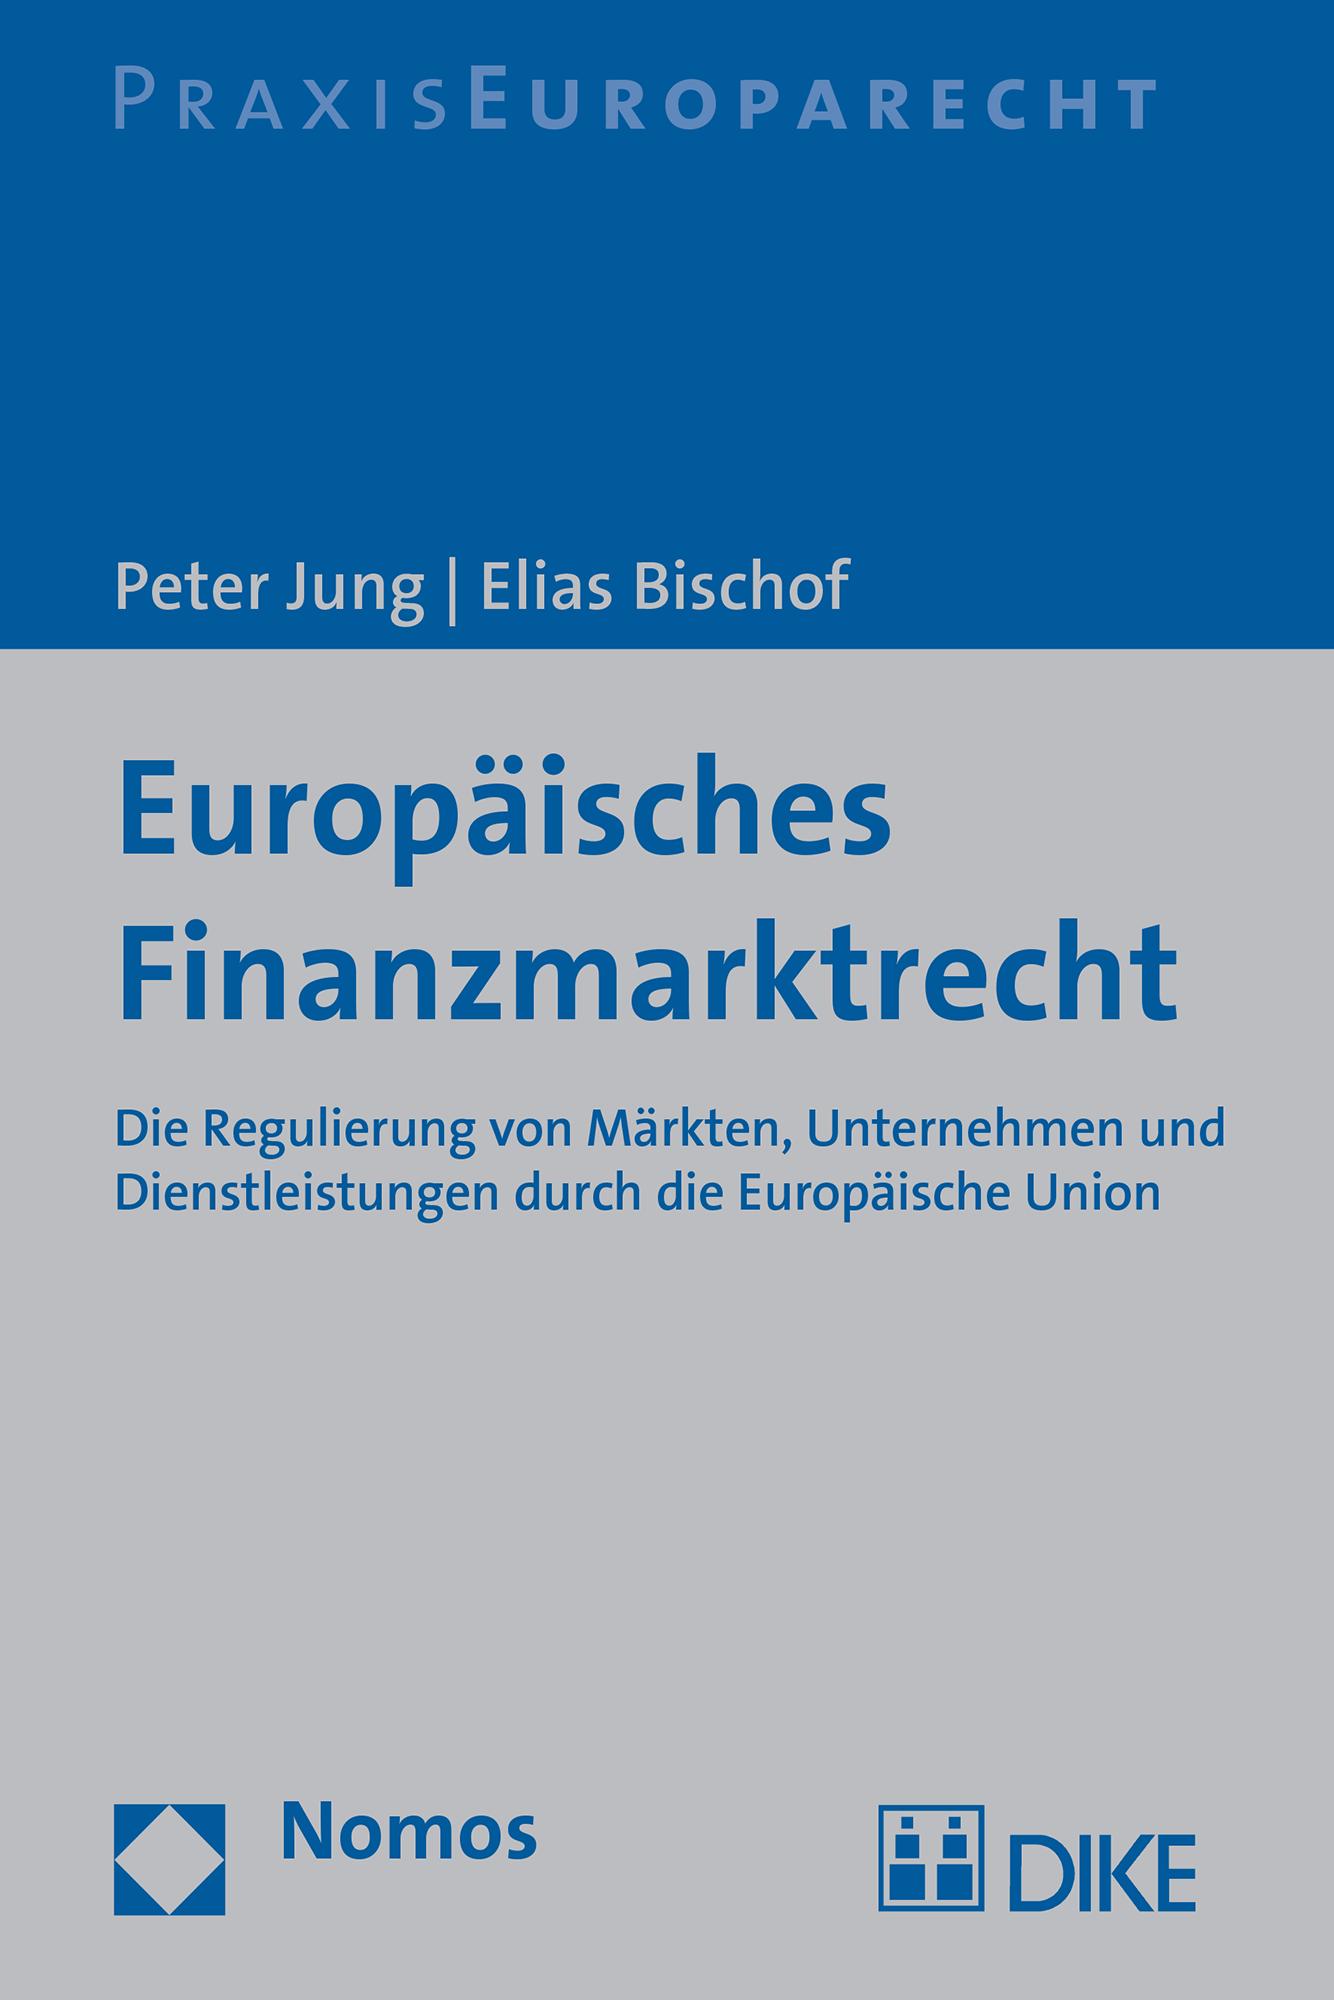 Europäisches Finanzmarktrecht